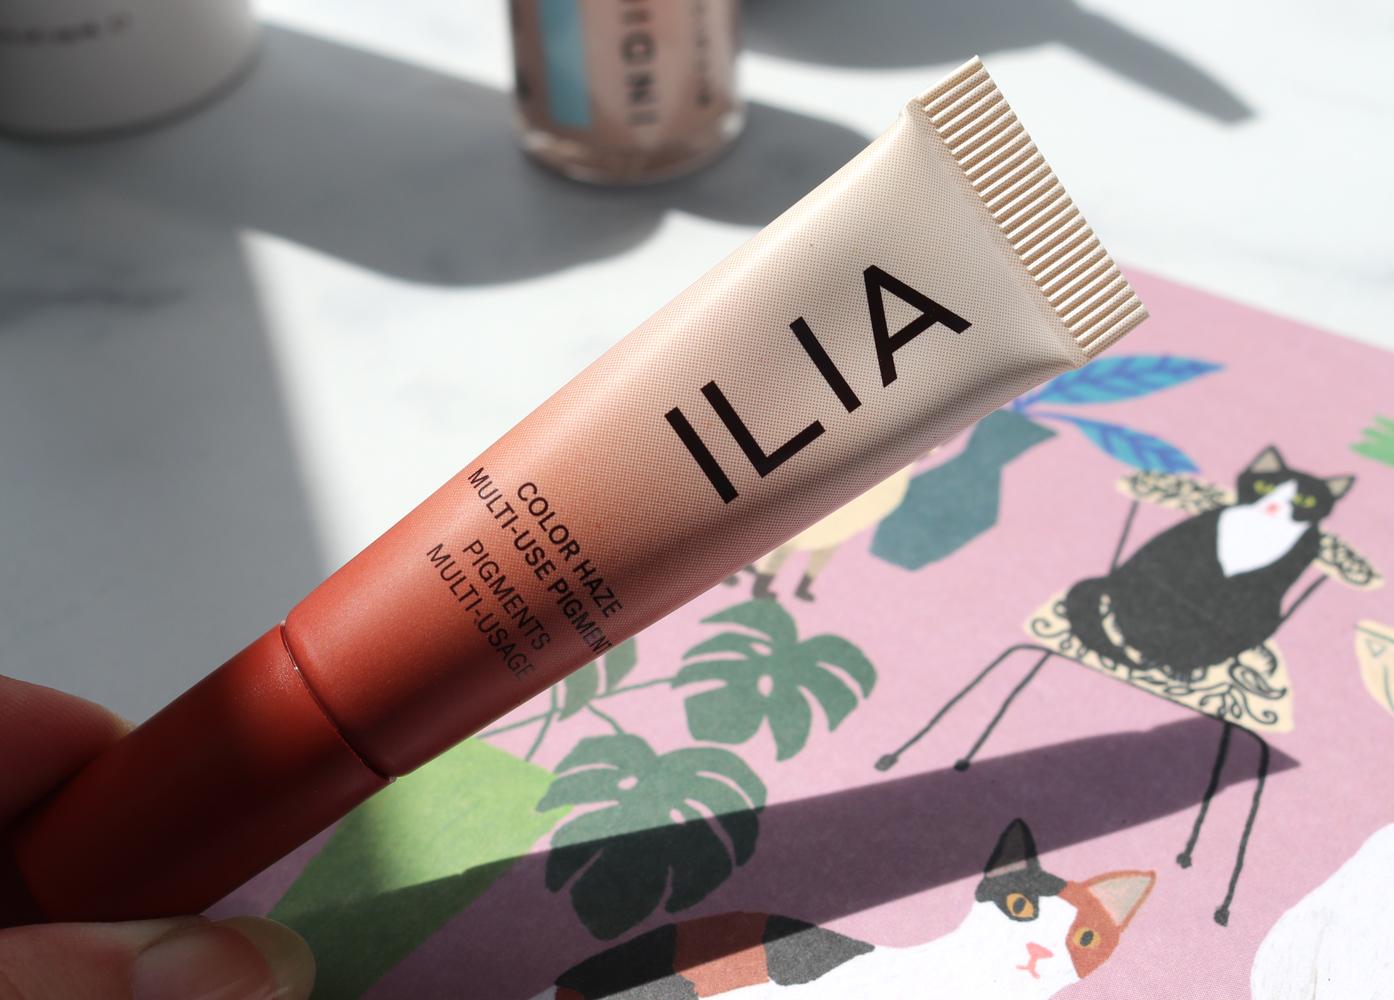 ILIA Color Haze Multi-Use Pigment in Stutter